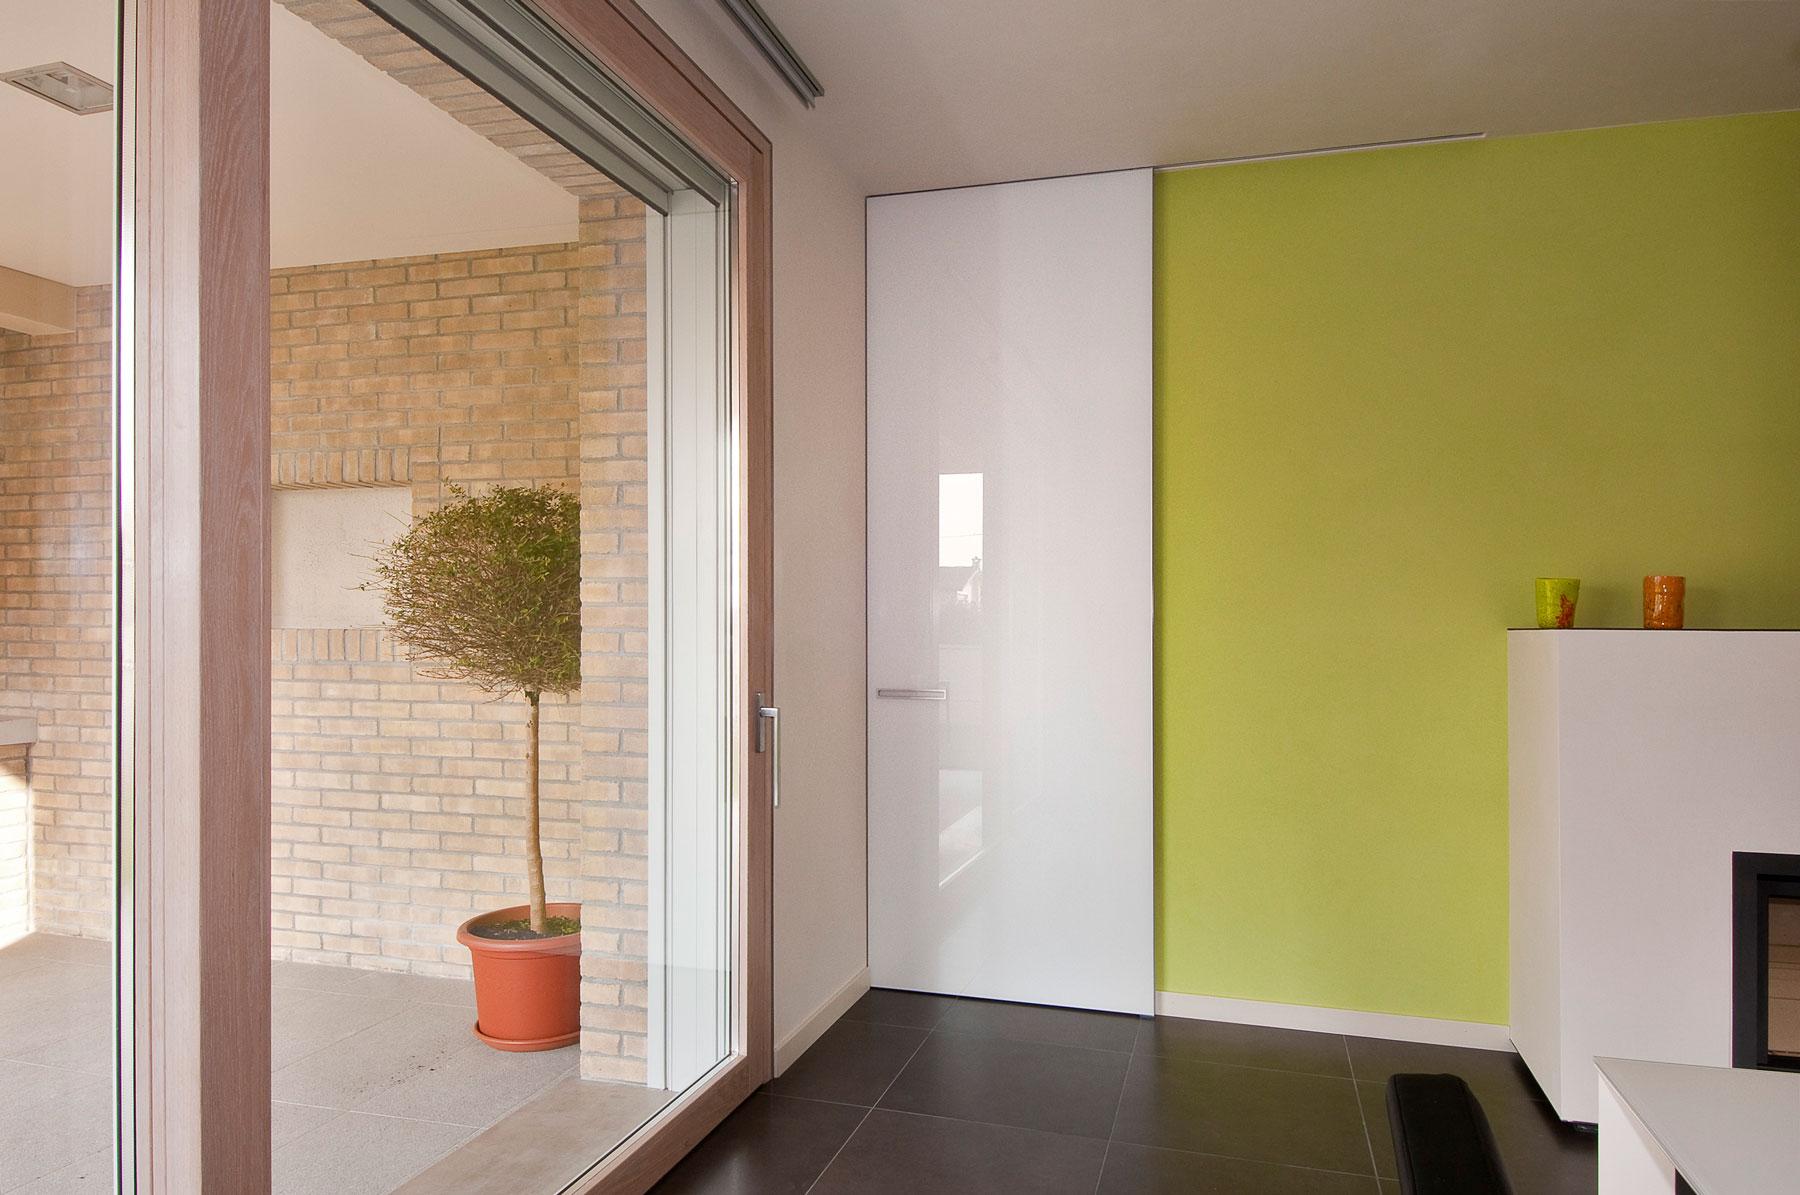 una stanza con una porta sulla sinistra e un balcone con una pianta